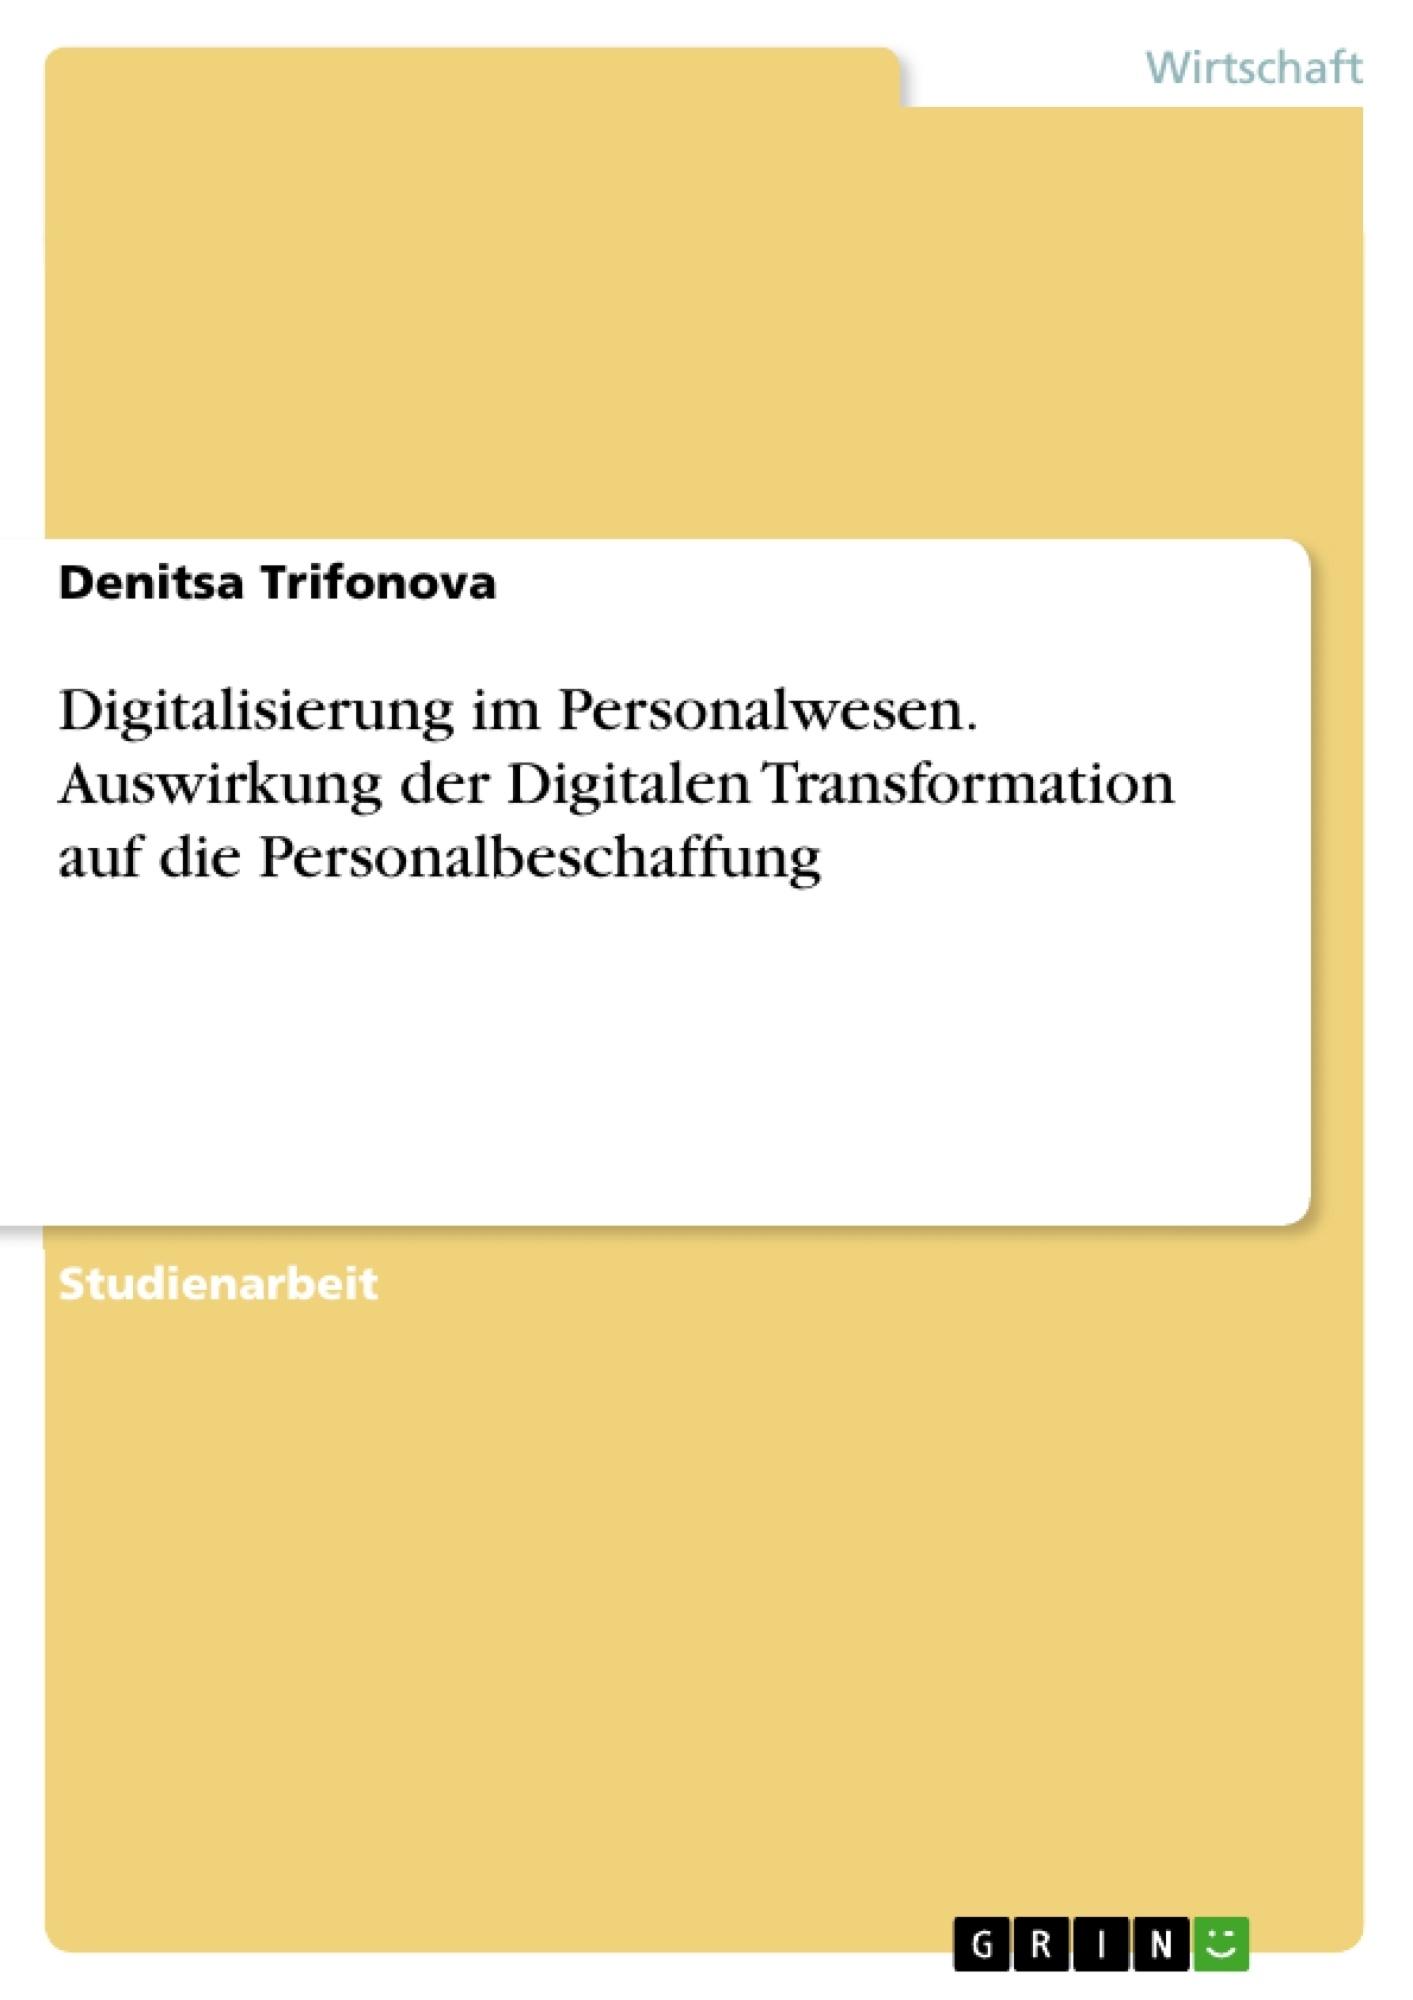 Titel: Digitalisierung im Personalwesen. Auswirkung der Digitalen Transformation auf die Personalbeschaffung